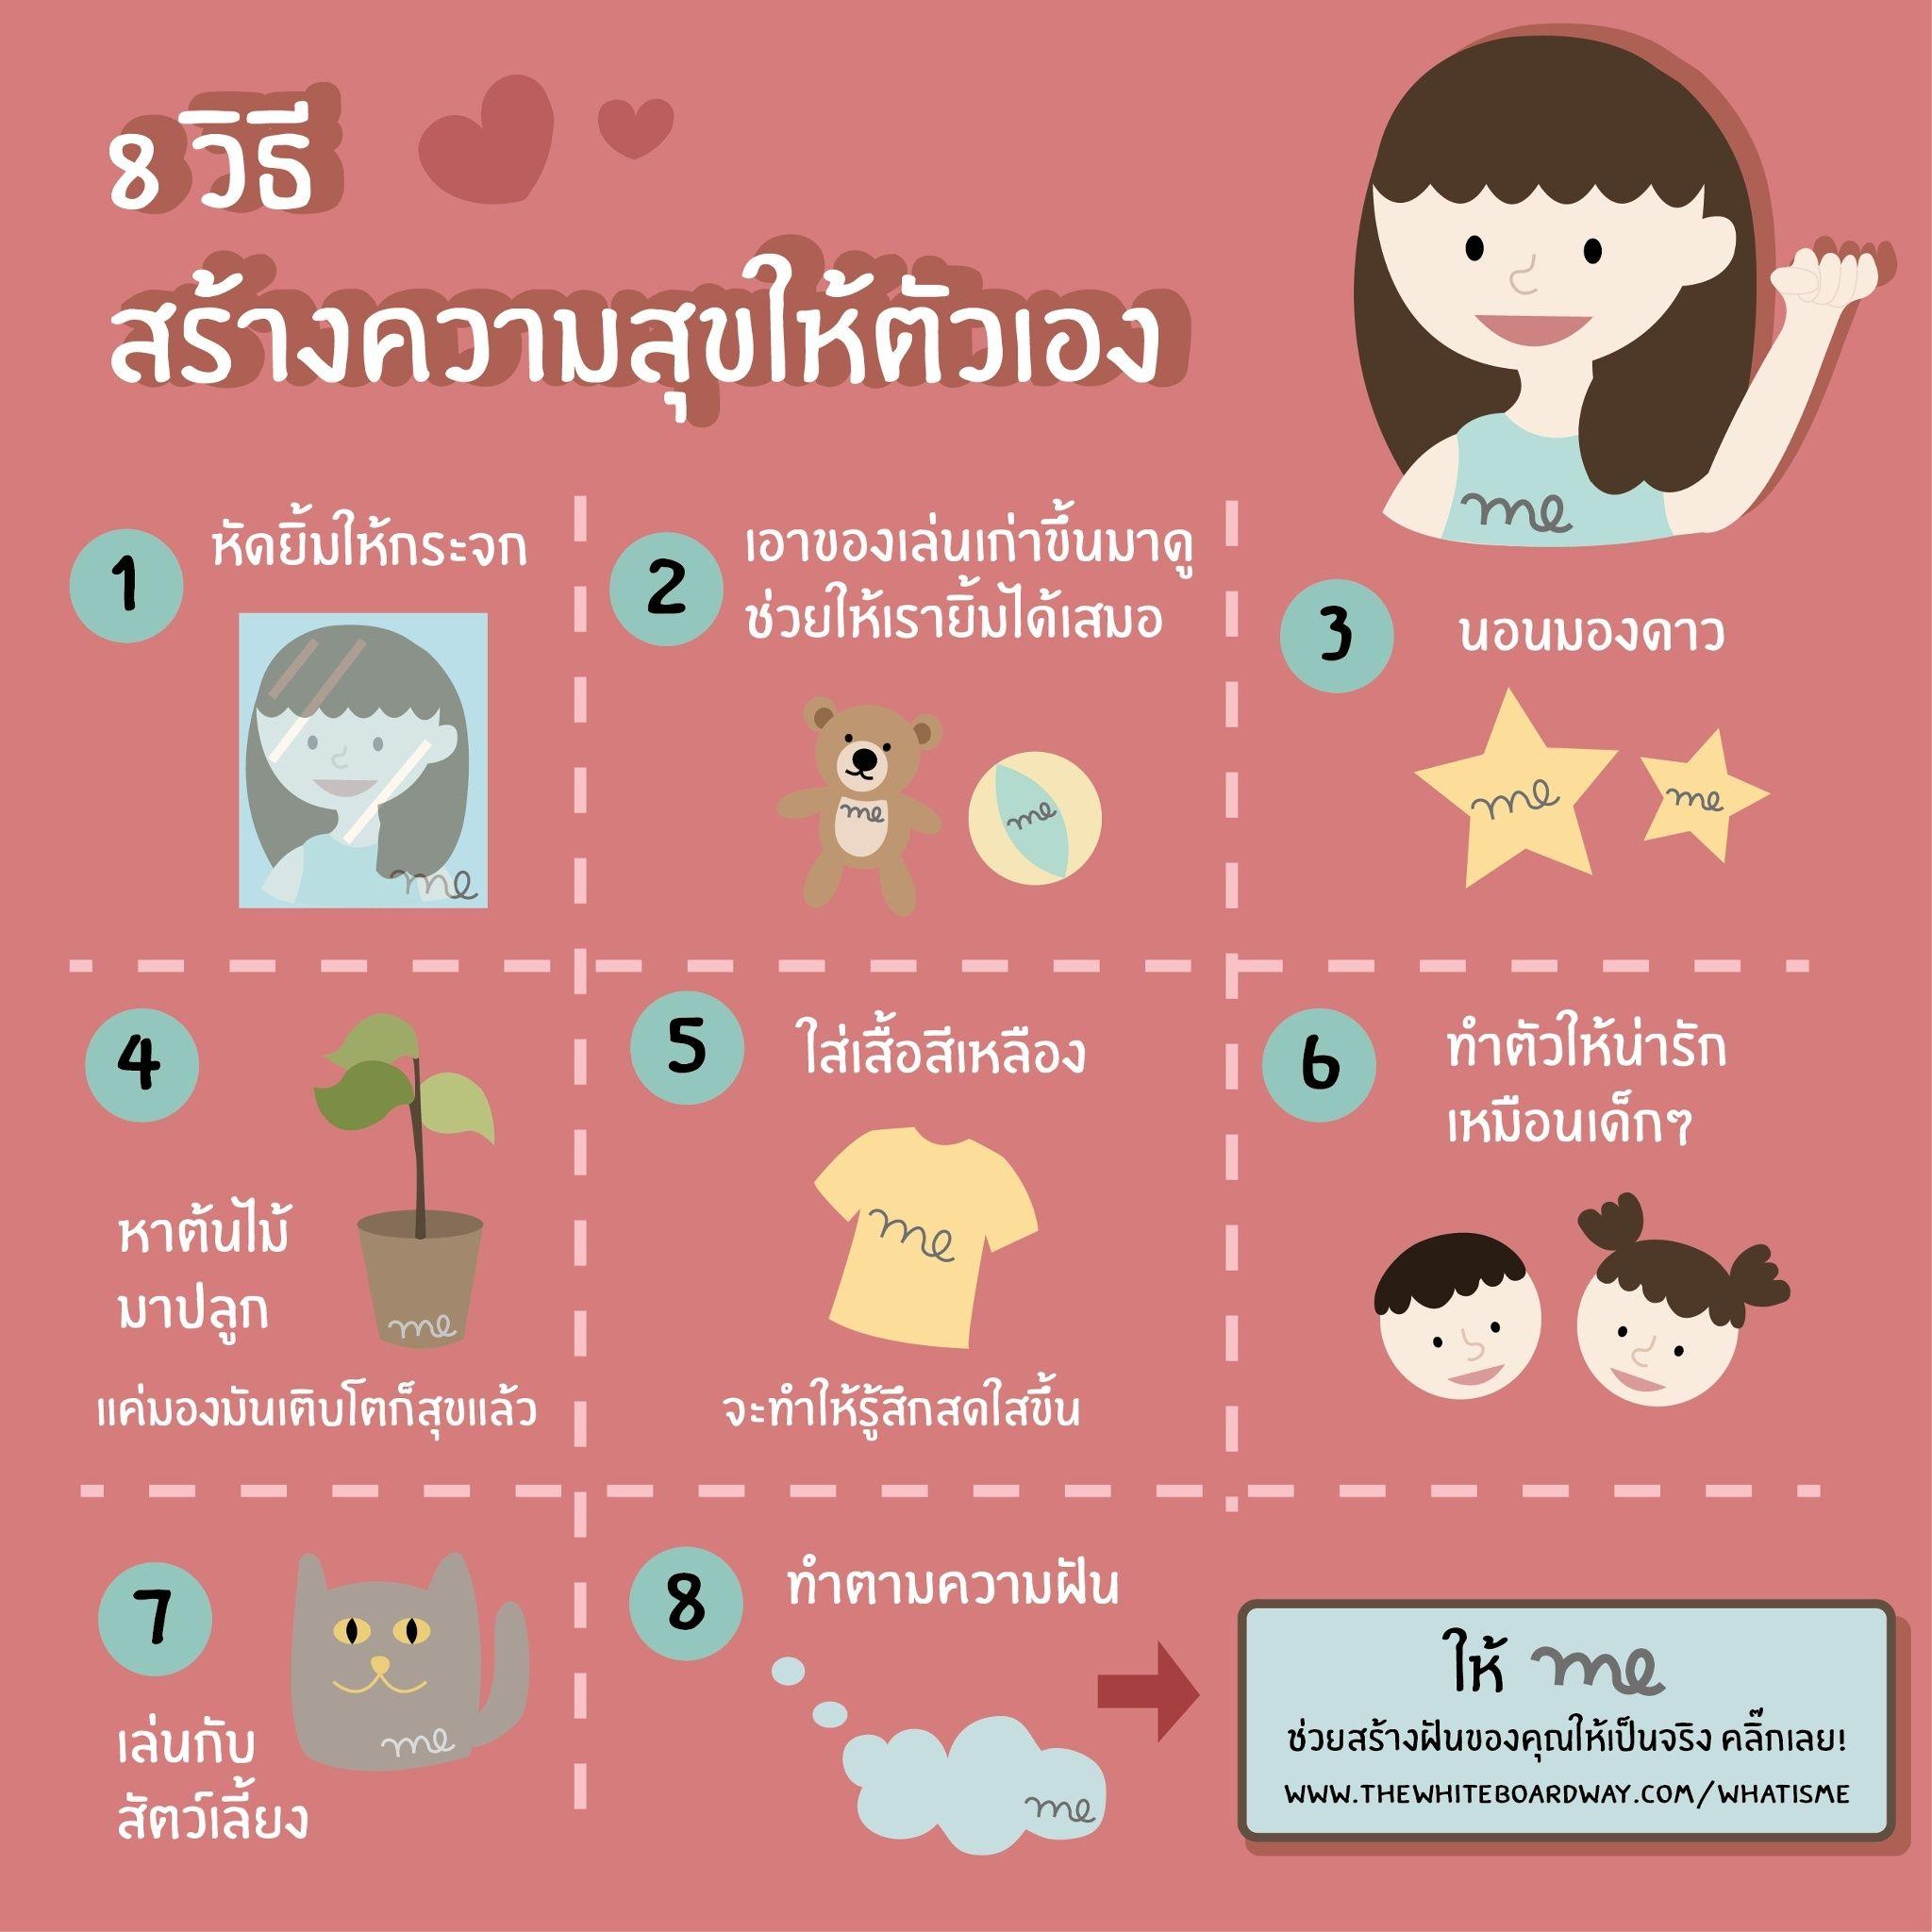 8 วิธีสร้างความสุขให้ตนเอง 68046410